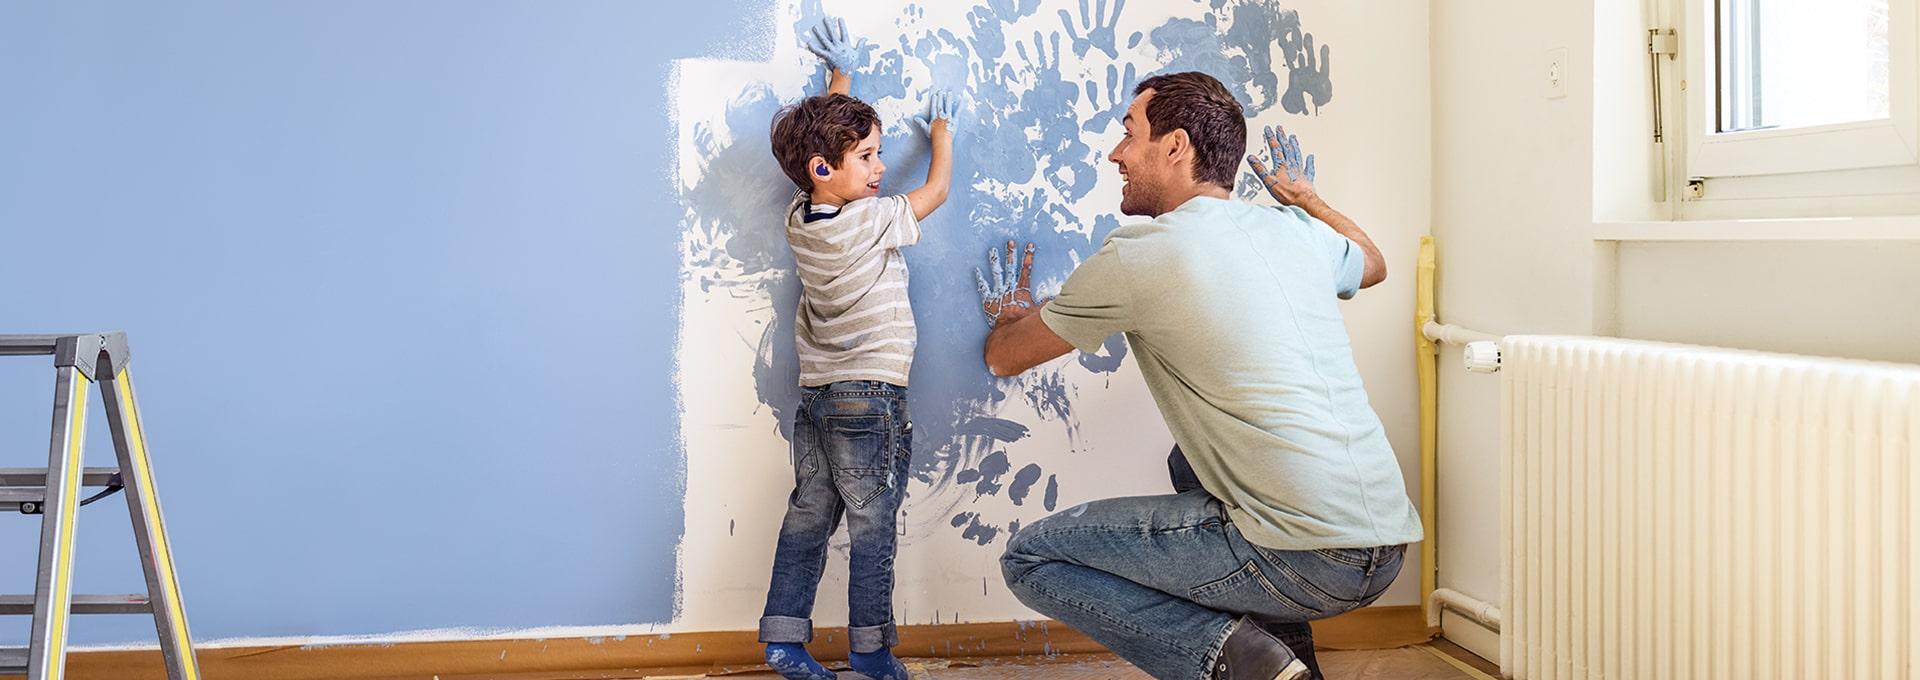 Père et fils avec les aides auditives Bernafon Leox Super Power | Ultra Power, peignant un mur et ajoutant spontanément des empreintes de mains.